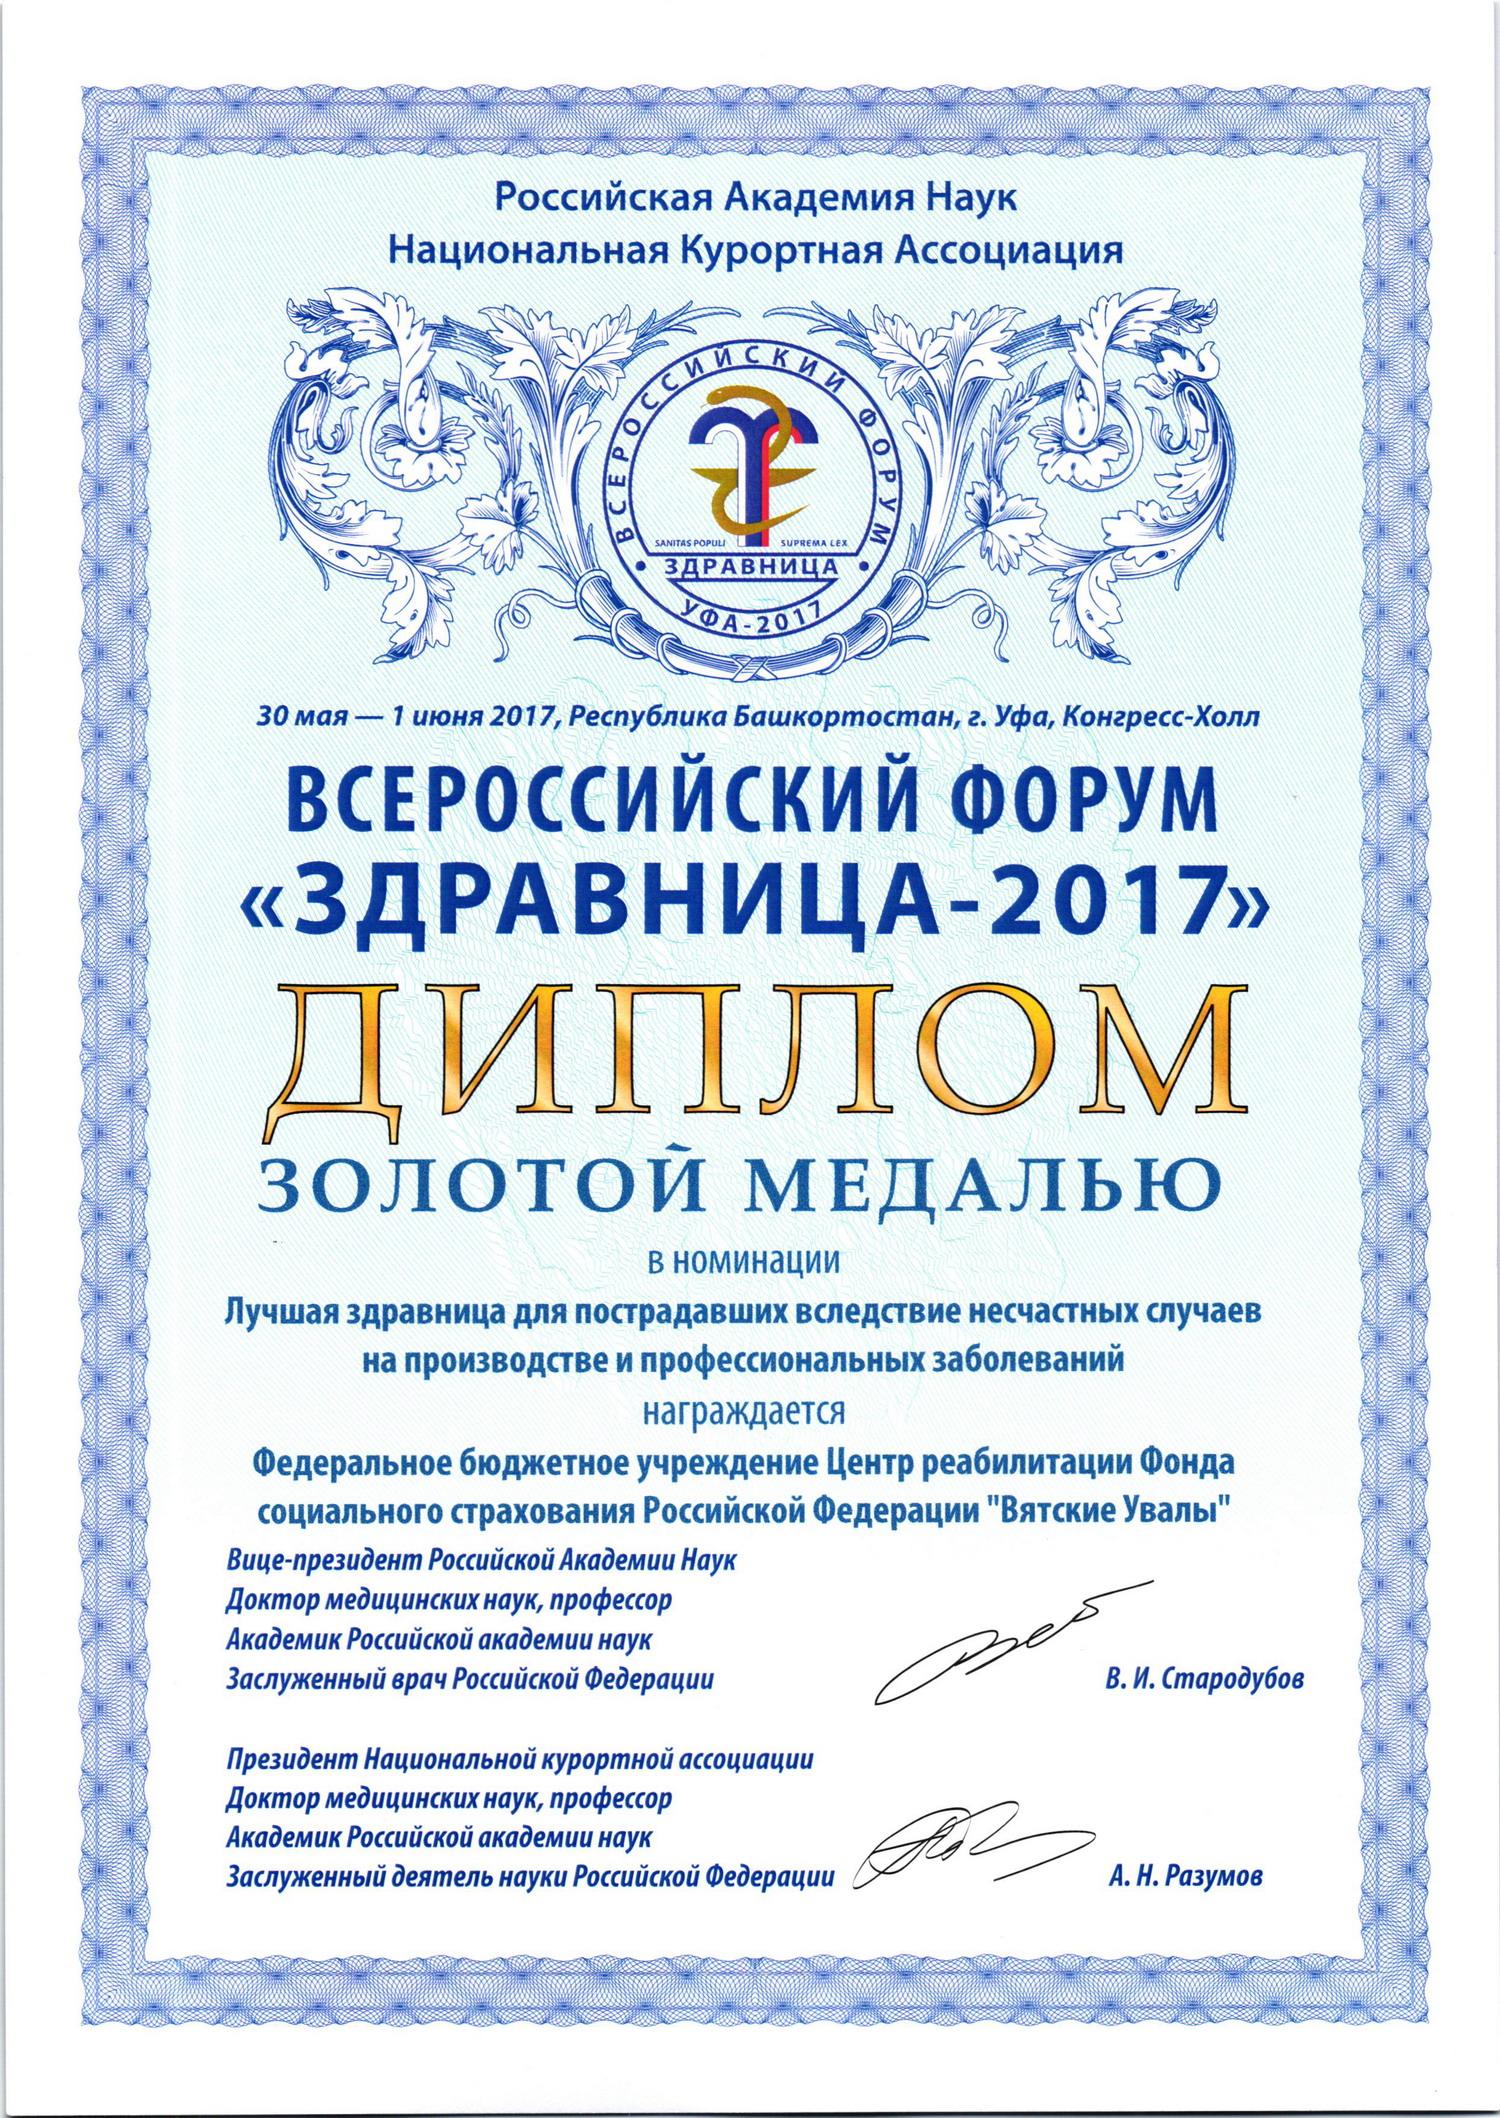 Награды Диплом и Золотая медаль Всероссийского Форума Здравница 2017 в номинации Лучшая здравница для пострадавших вследствие несчастных случаев на